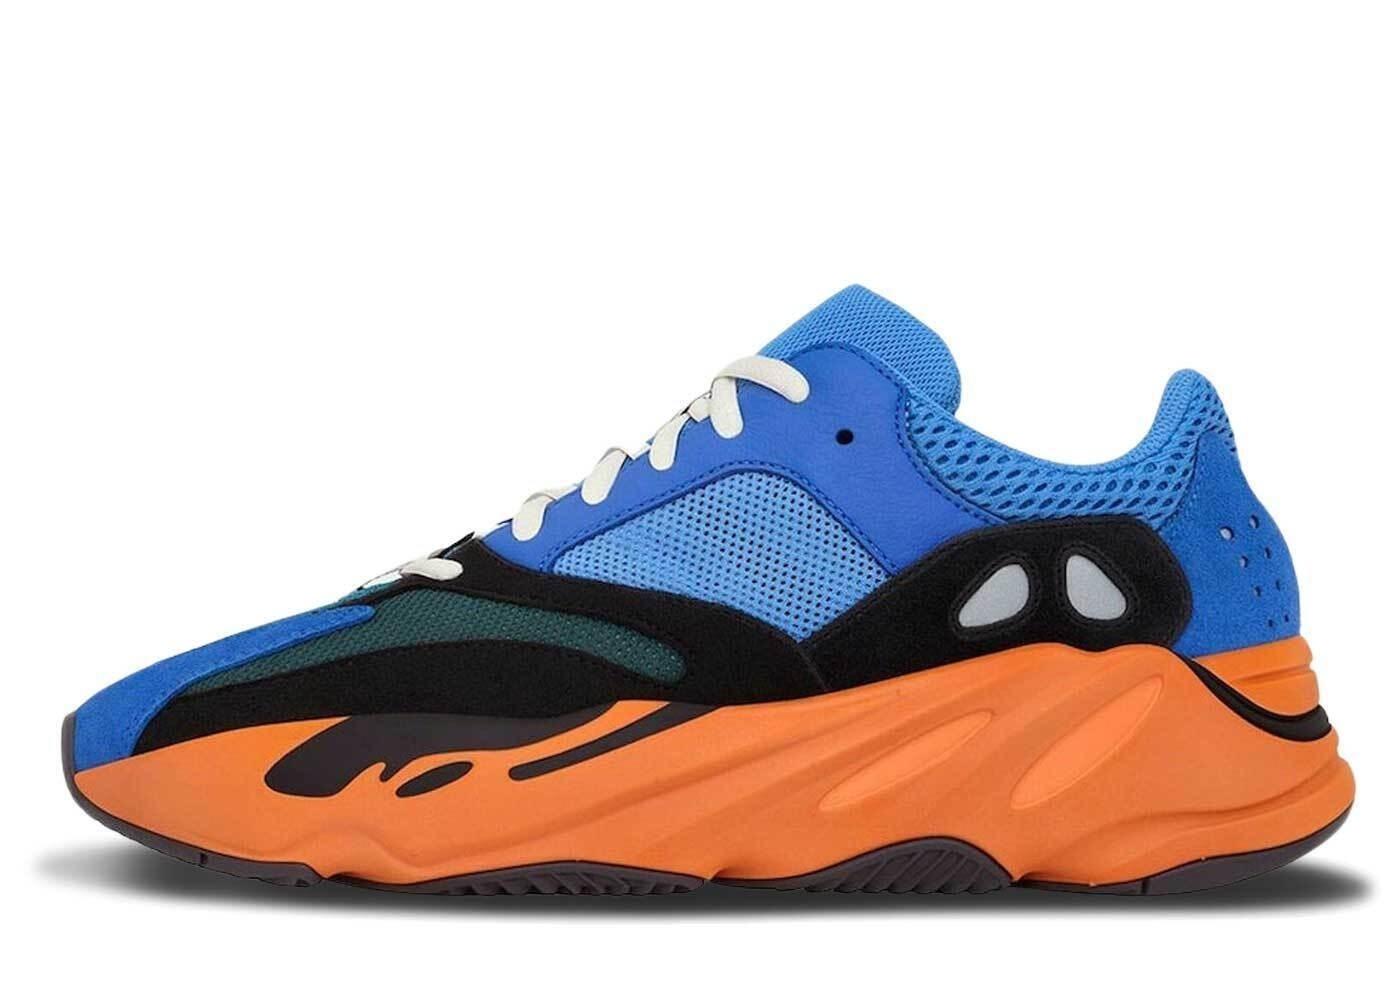 Adidas Yeezy Boost 700 Bright Blueの写真